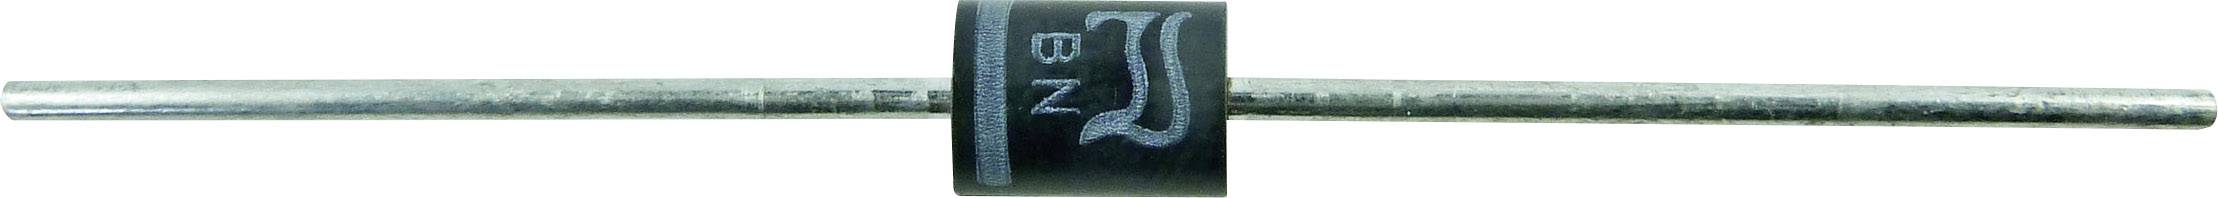 Kremíková usmerňovacia dióda TRU COMPONENTS TC-BY550-100 1581820 5 A, 100 V